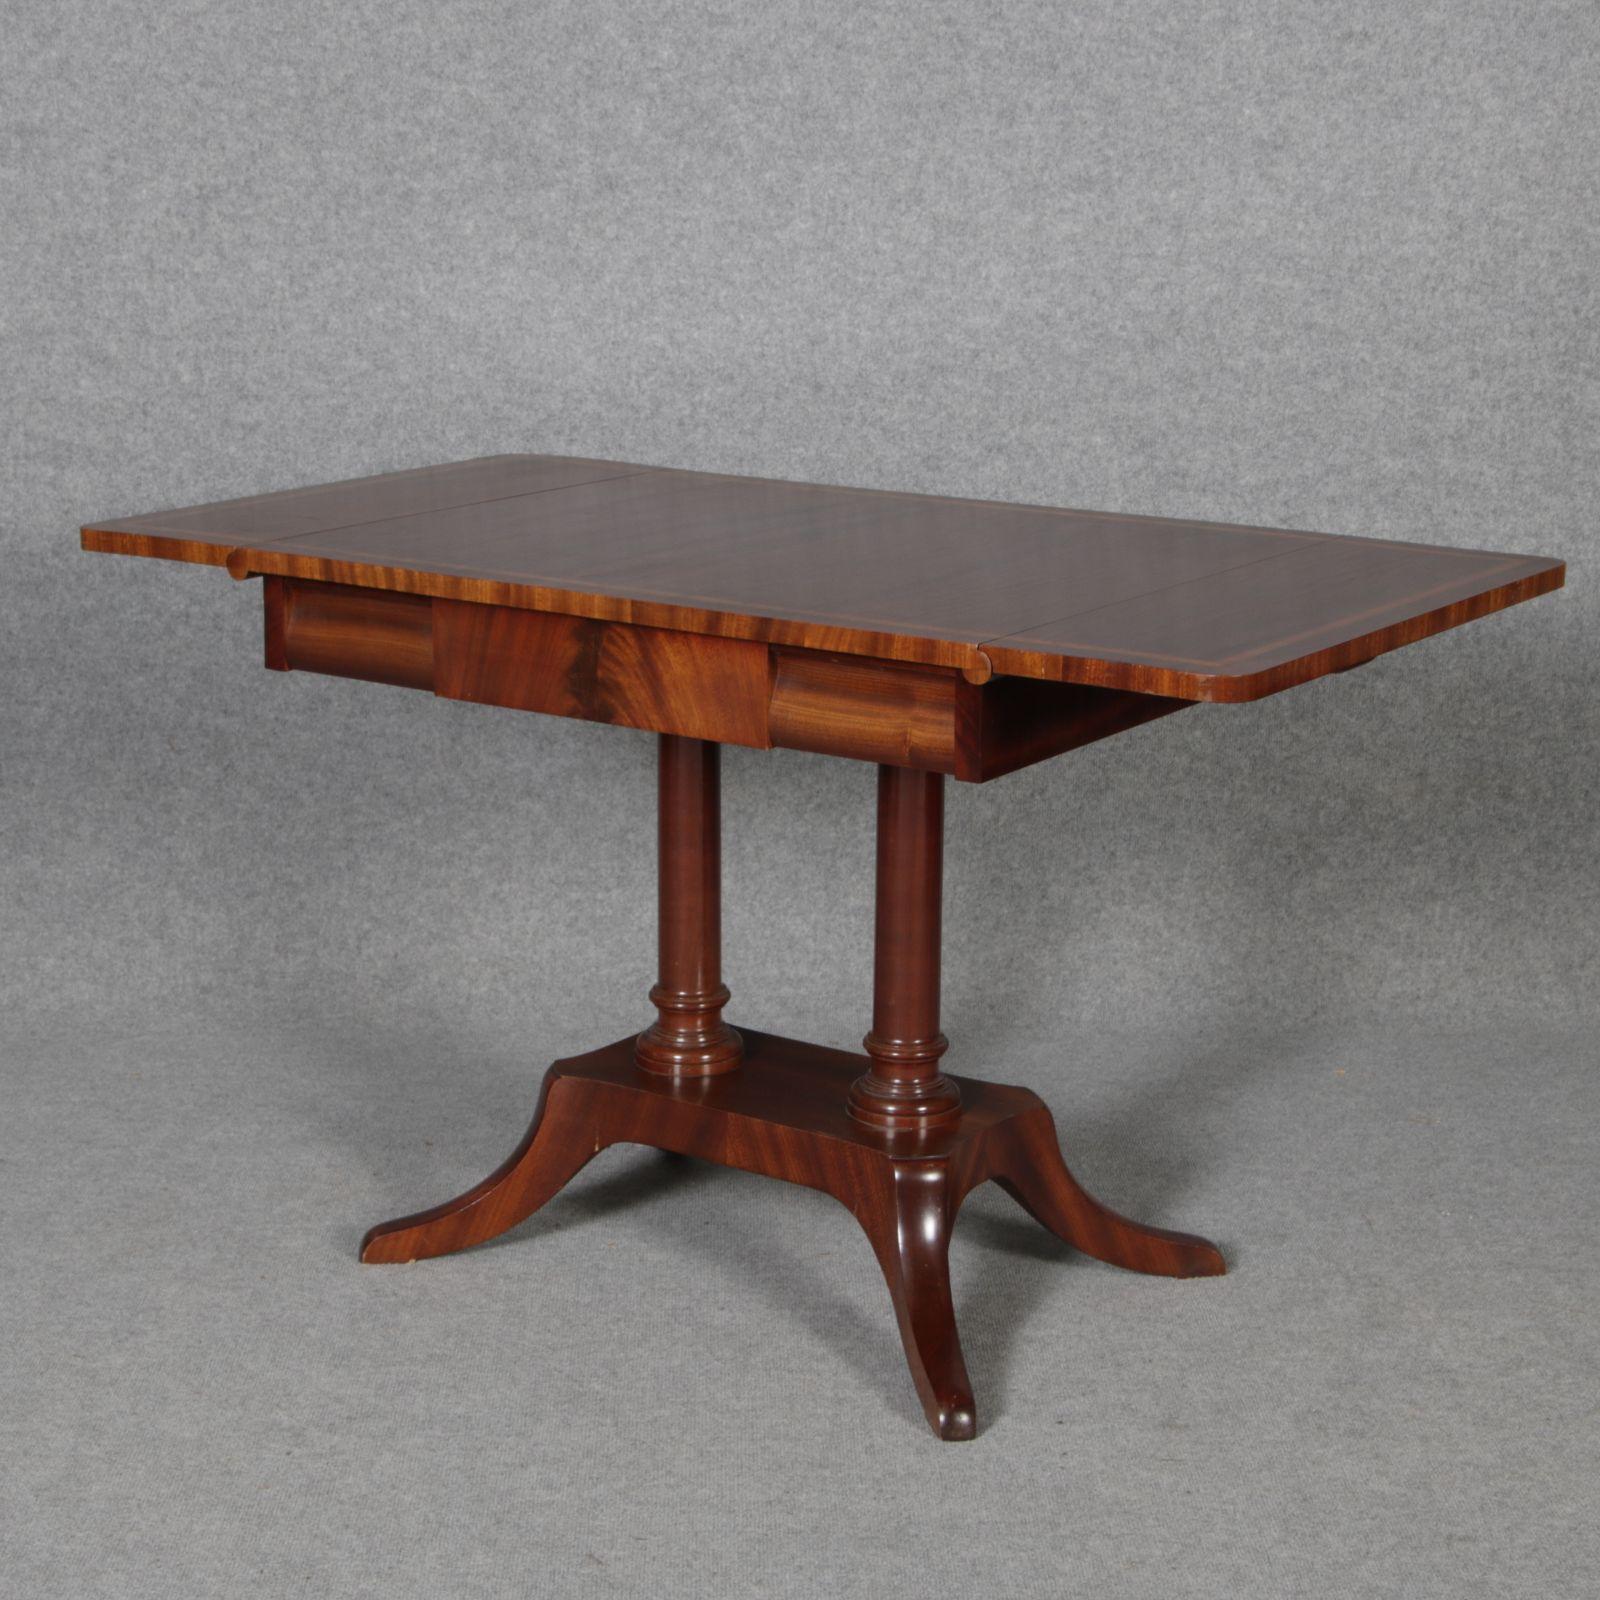 Antiker Tisch Tische Barocktisch Biedermeiertisch Küchentisch ...